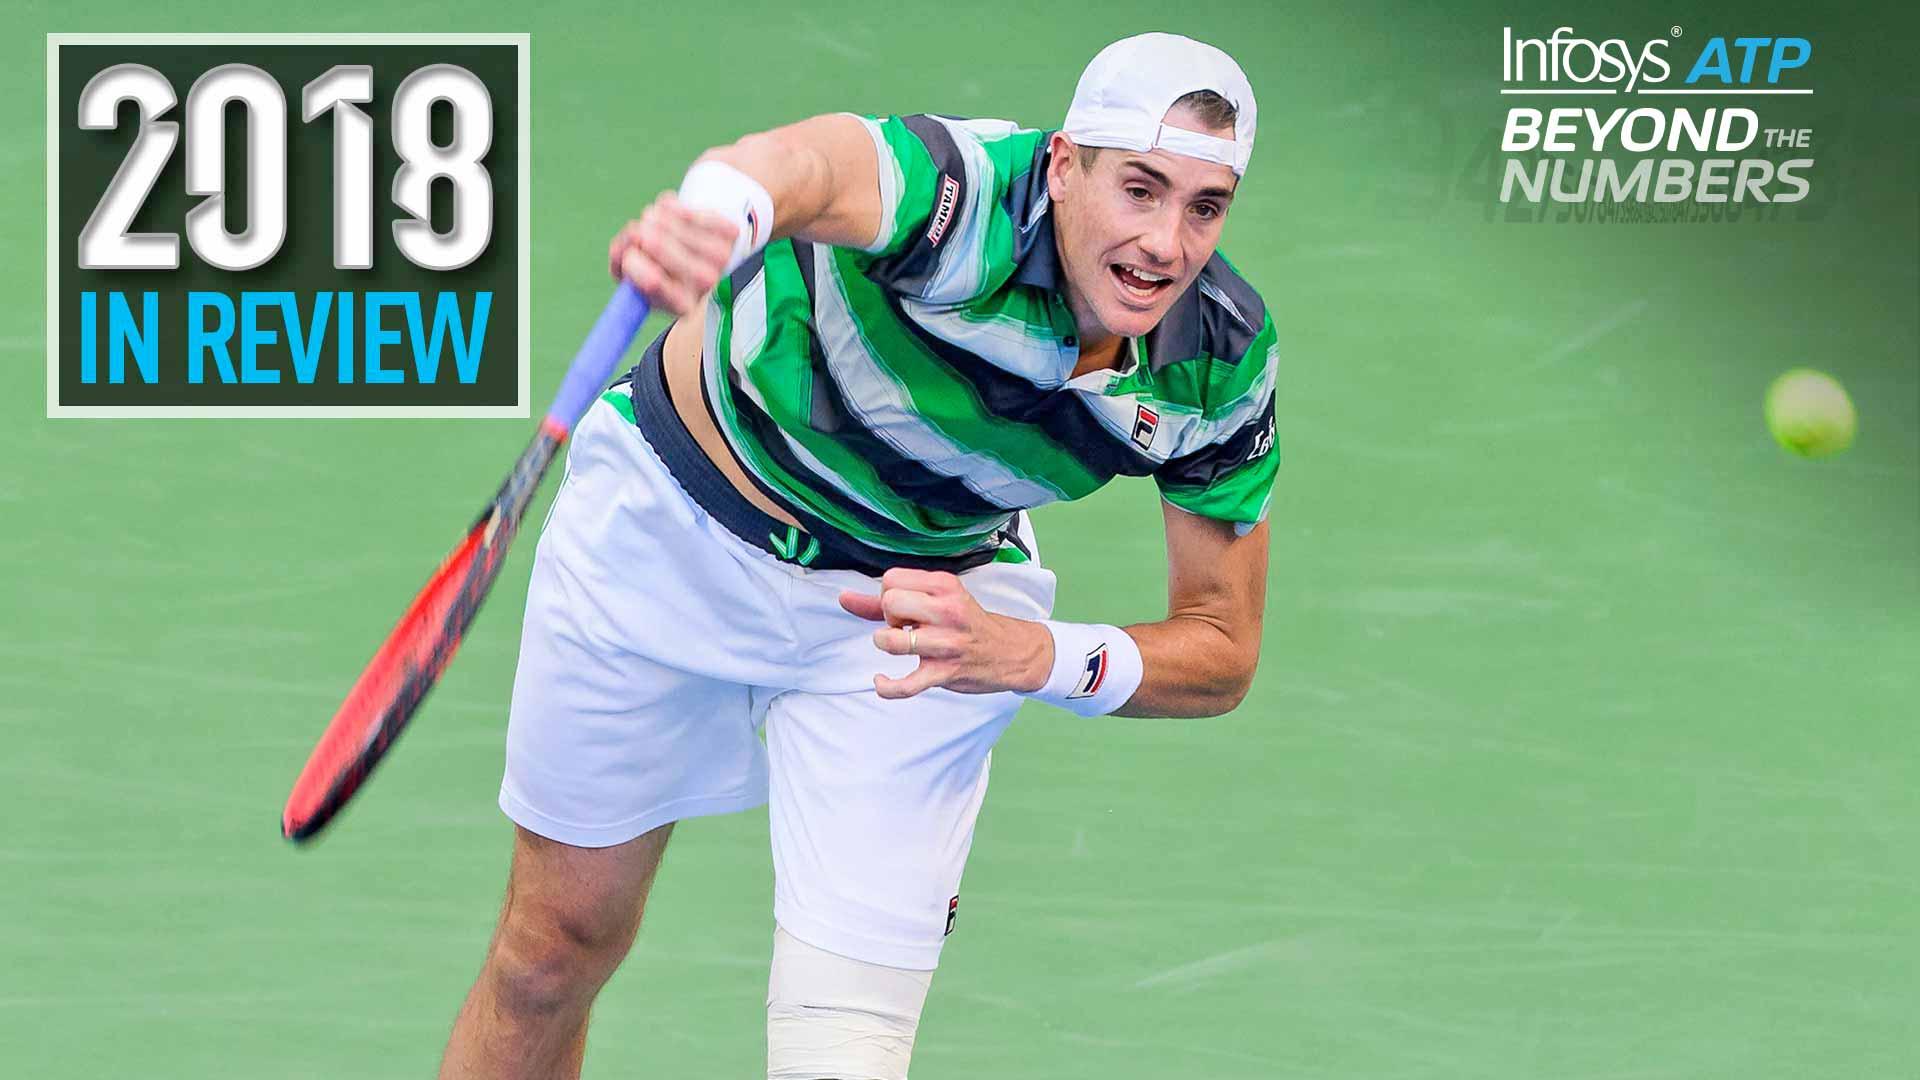 Isner King Of Serving In 2018 Atp Tour Tennis